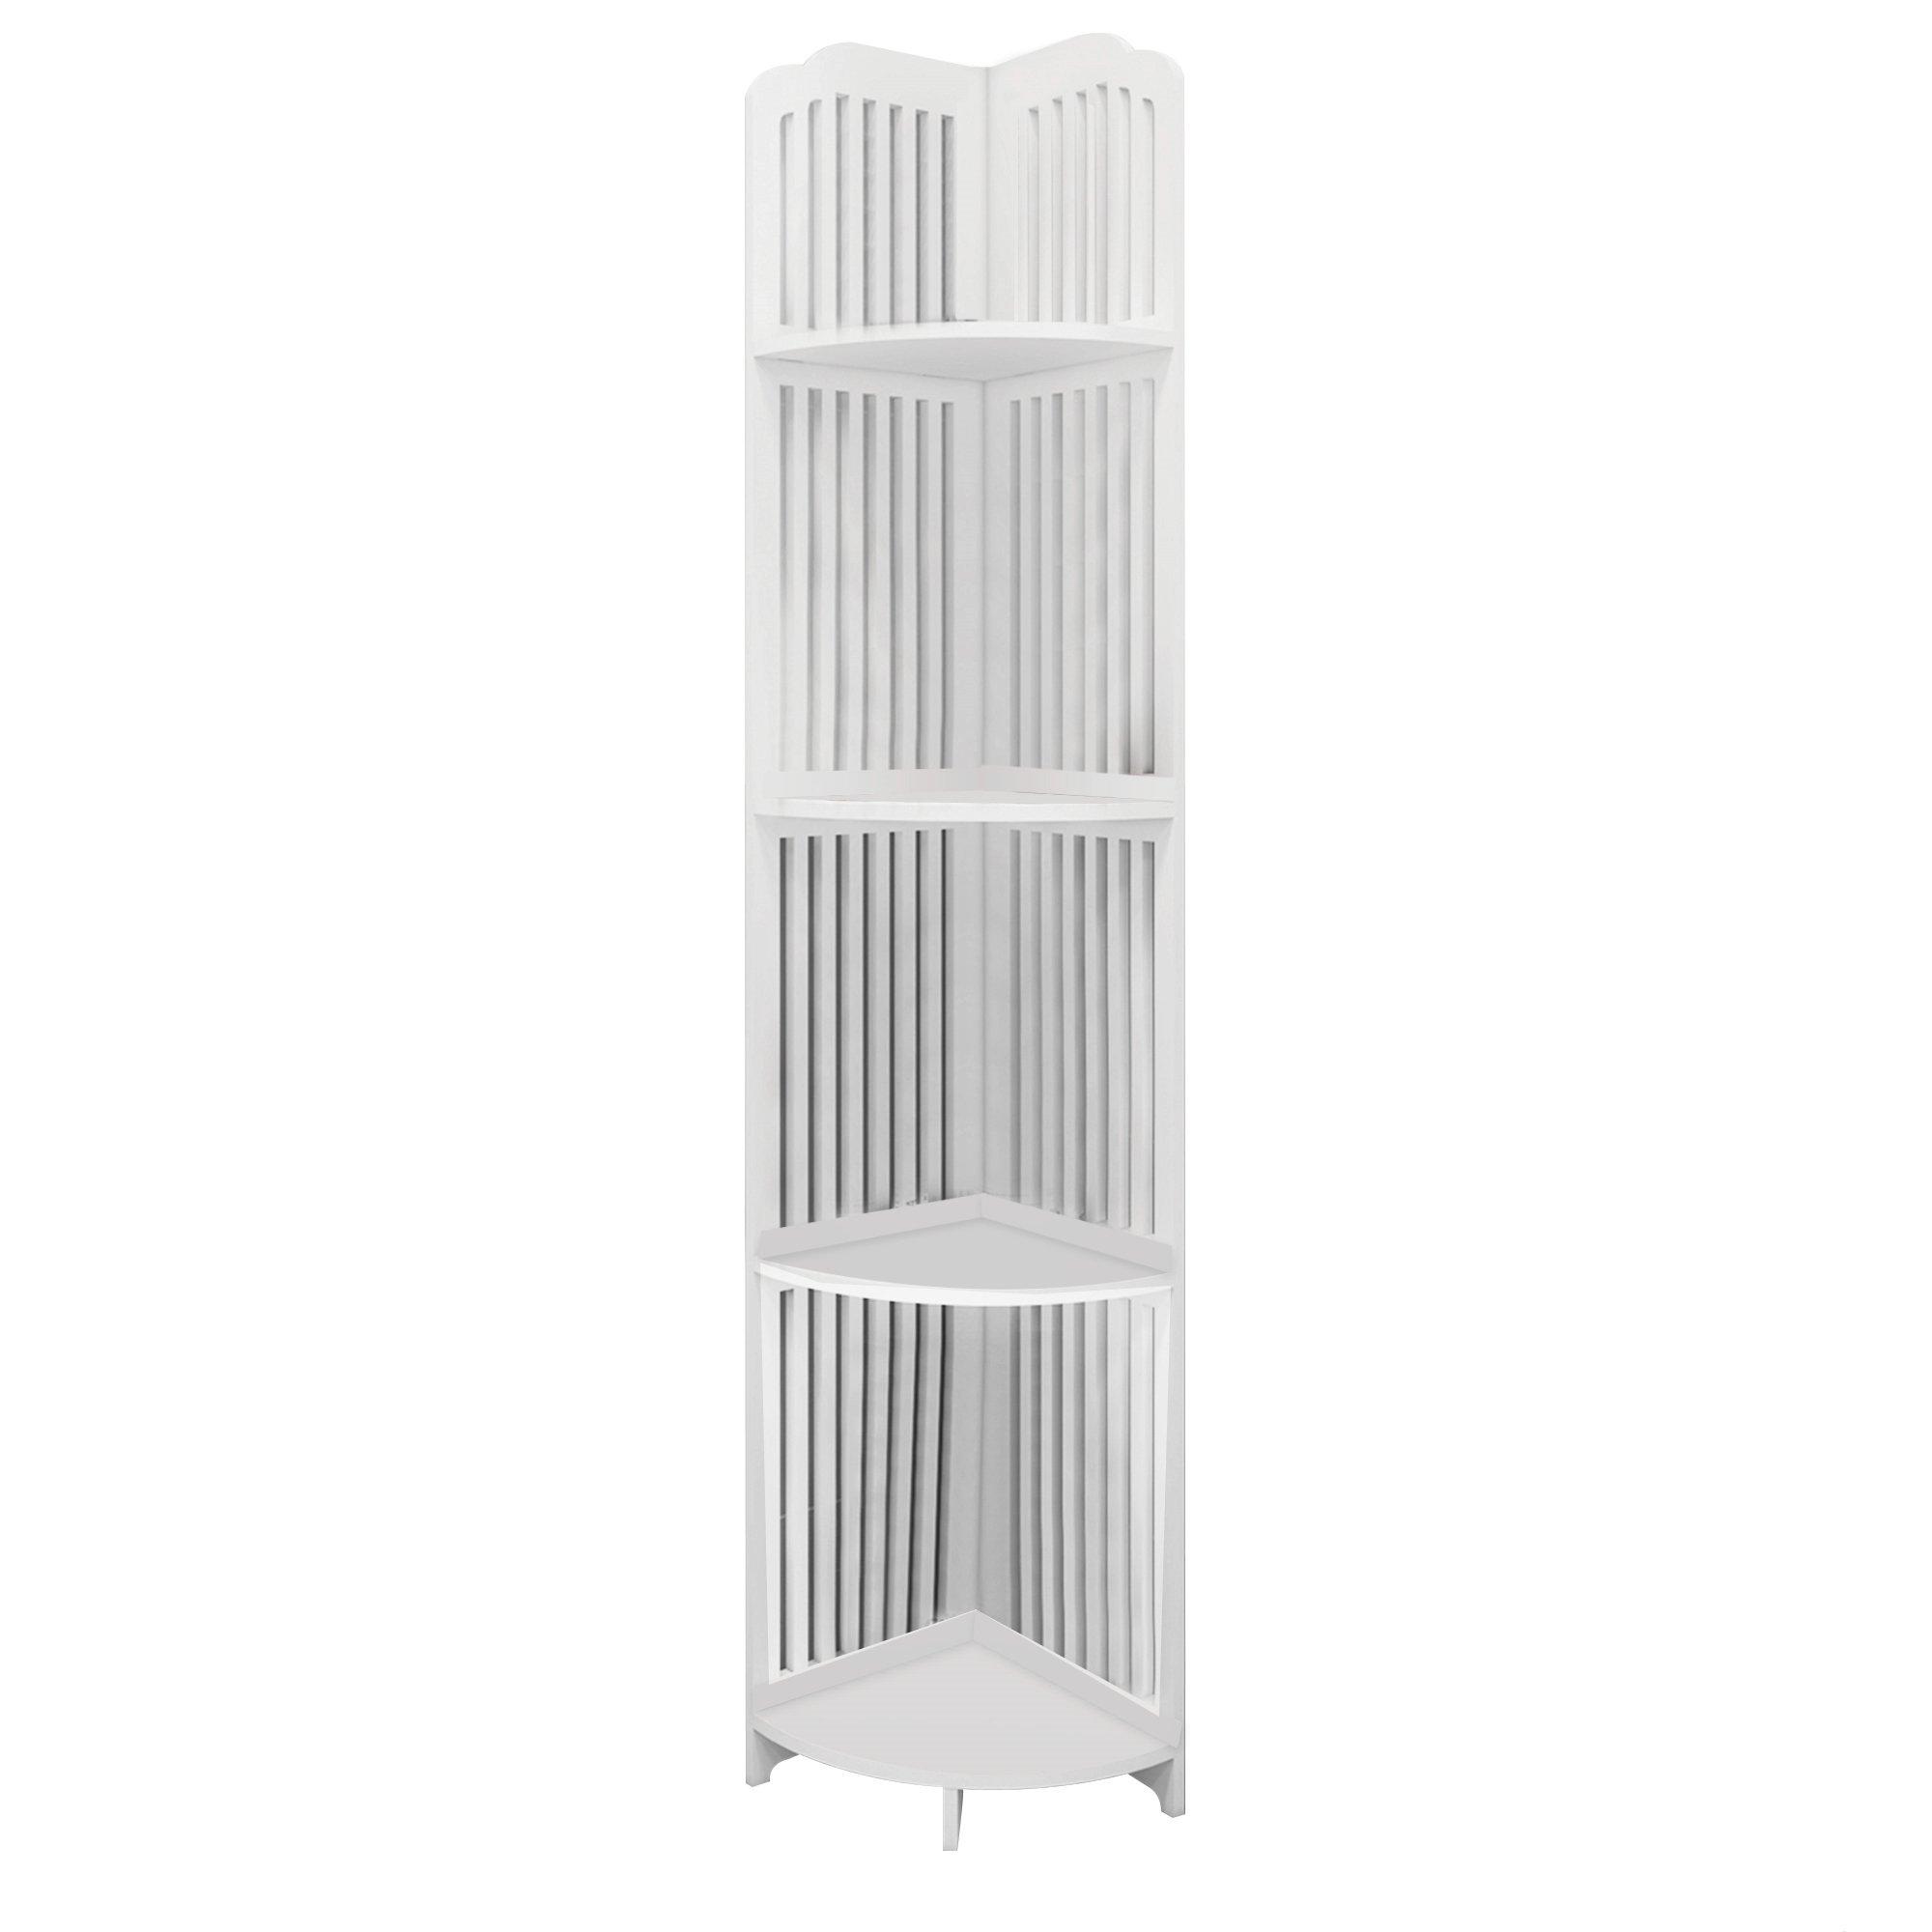 4 Tier Corner Shelf Stand